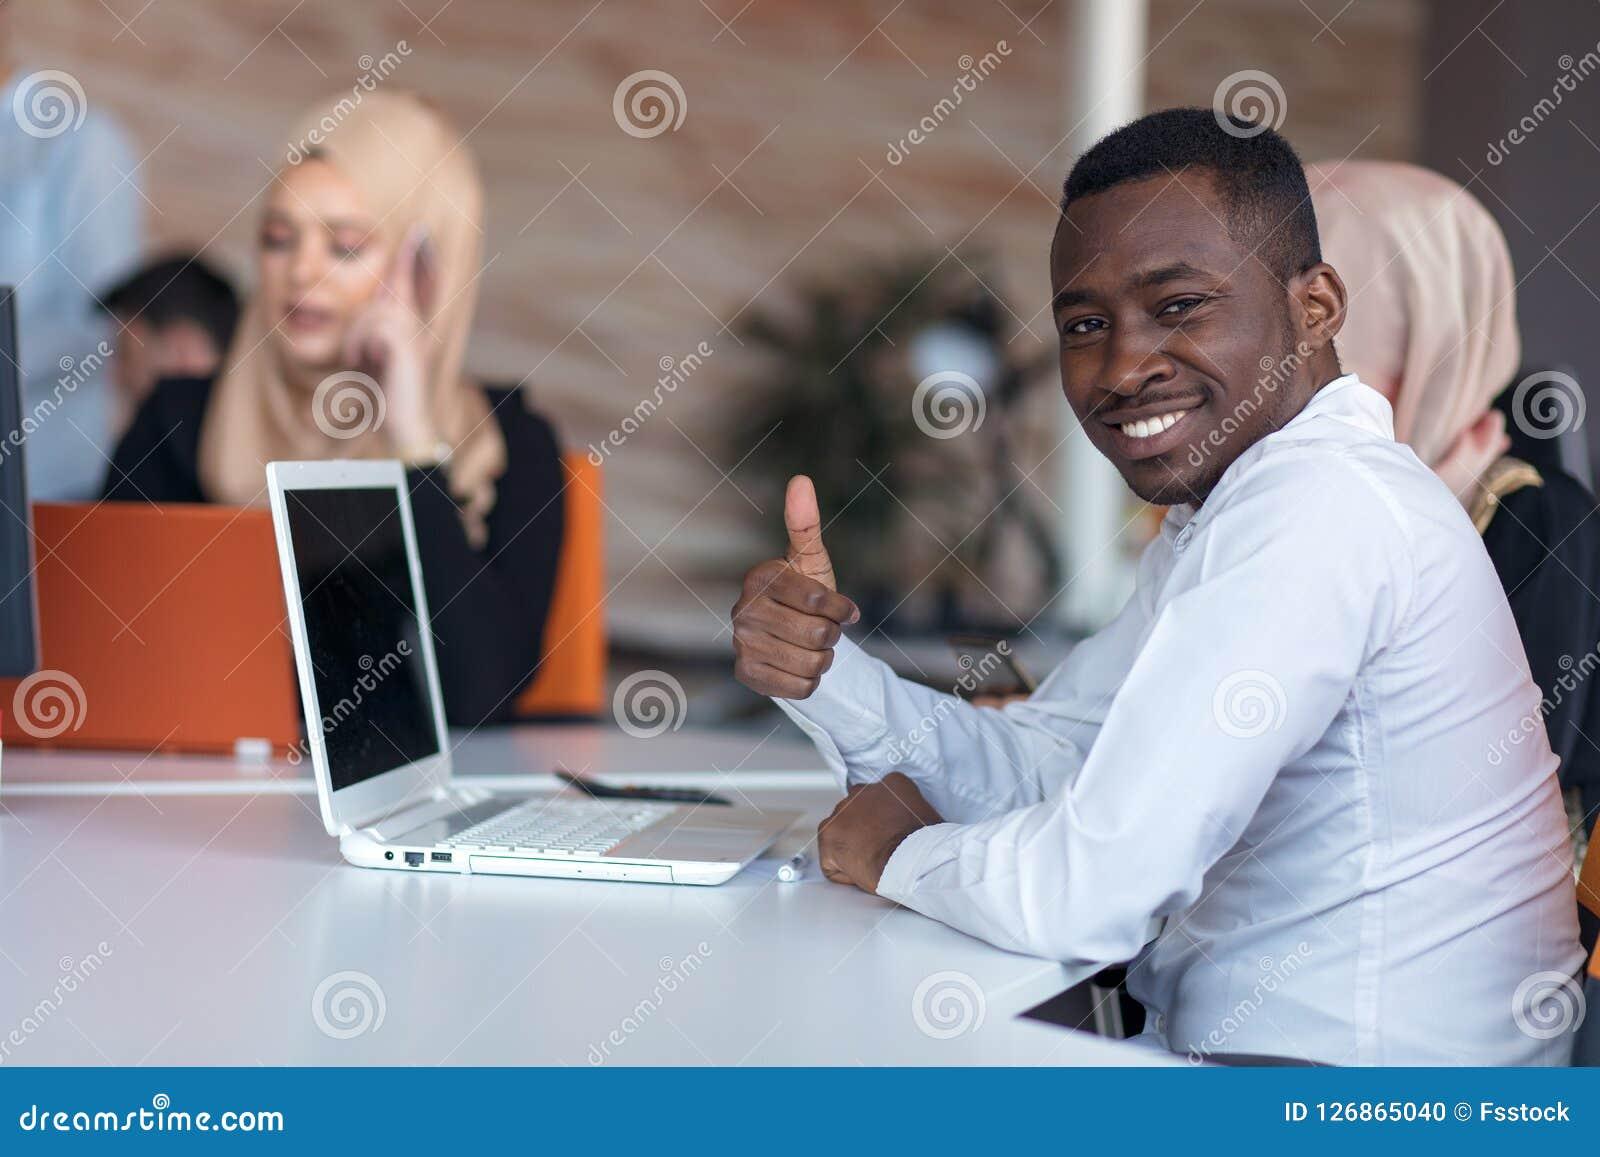 Startup бизнесмены собирают работая ежедневную работу на современный офис Офис техника, компания техника, запуск техника, команда